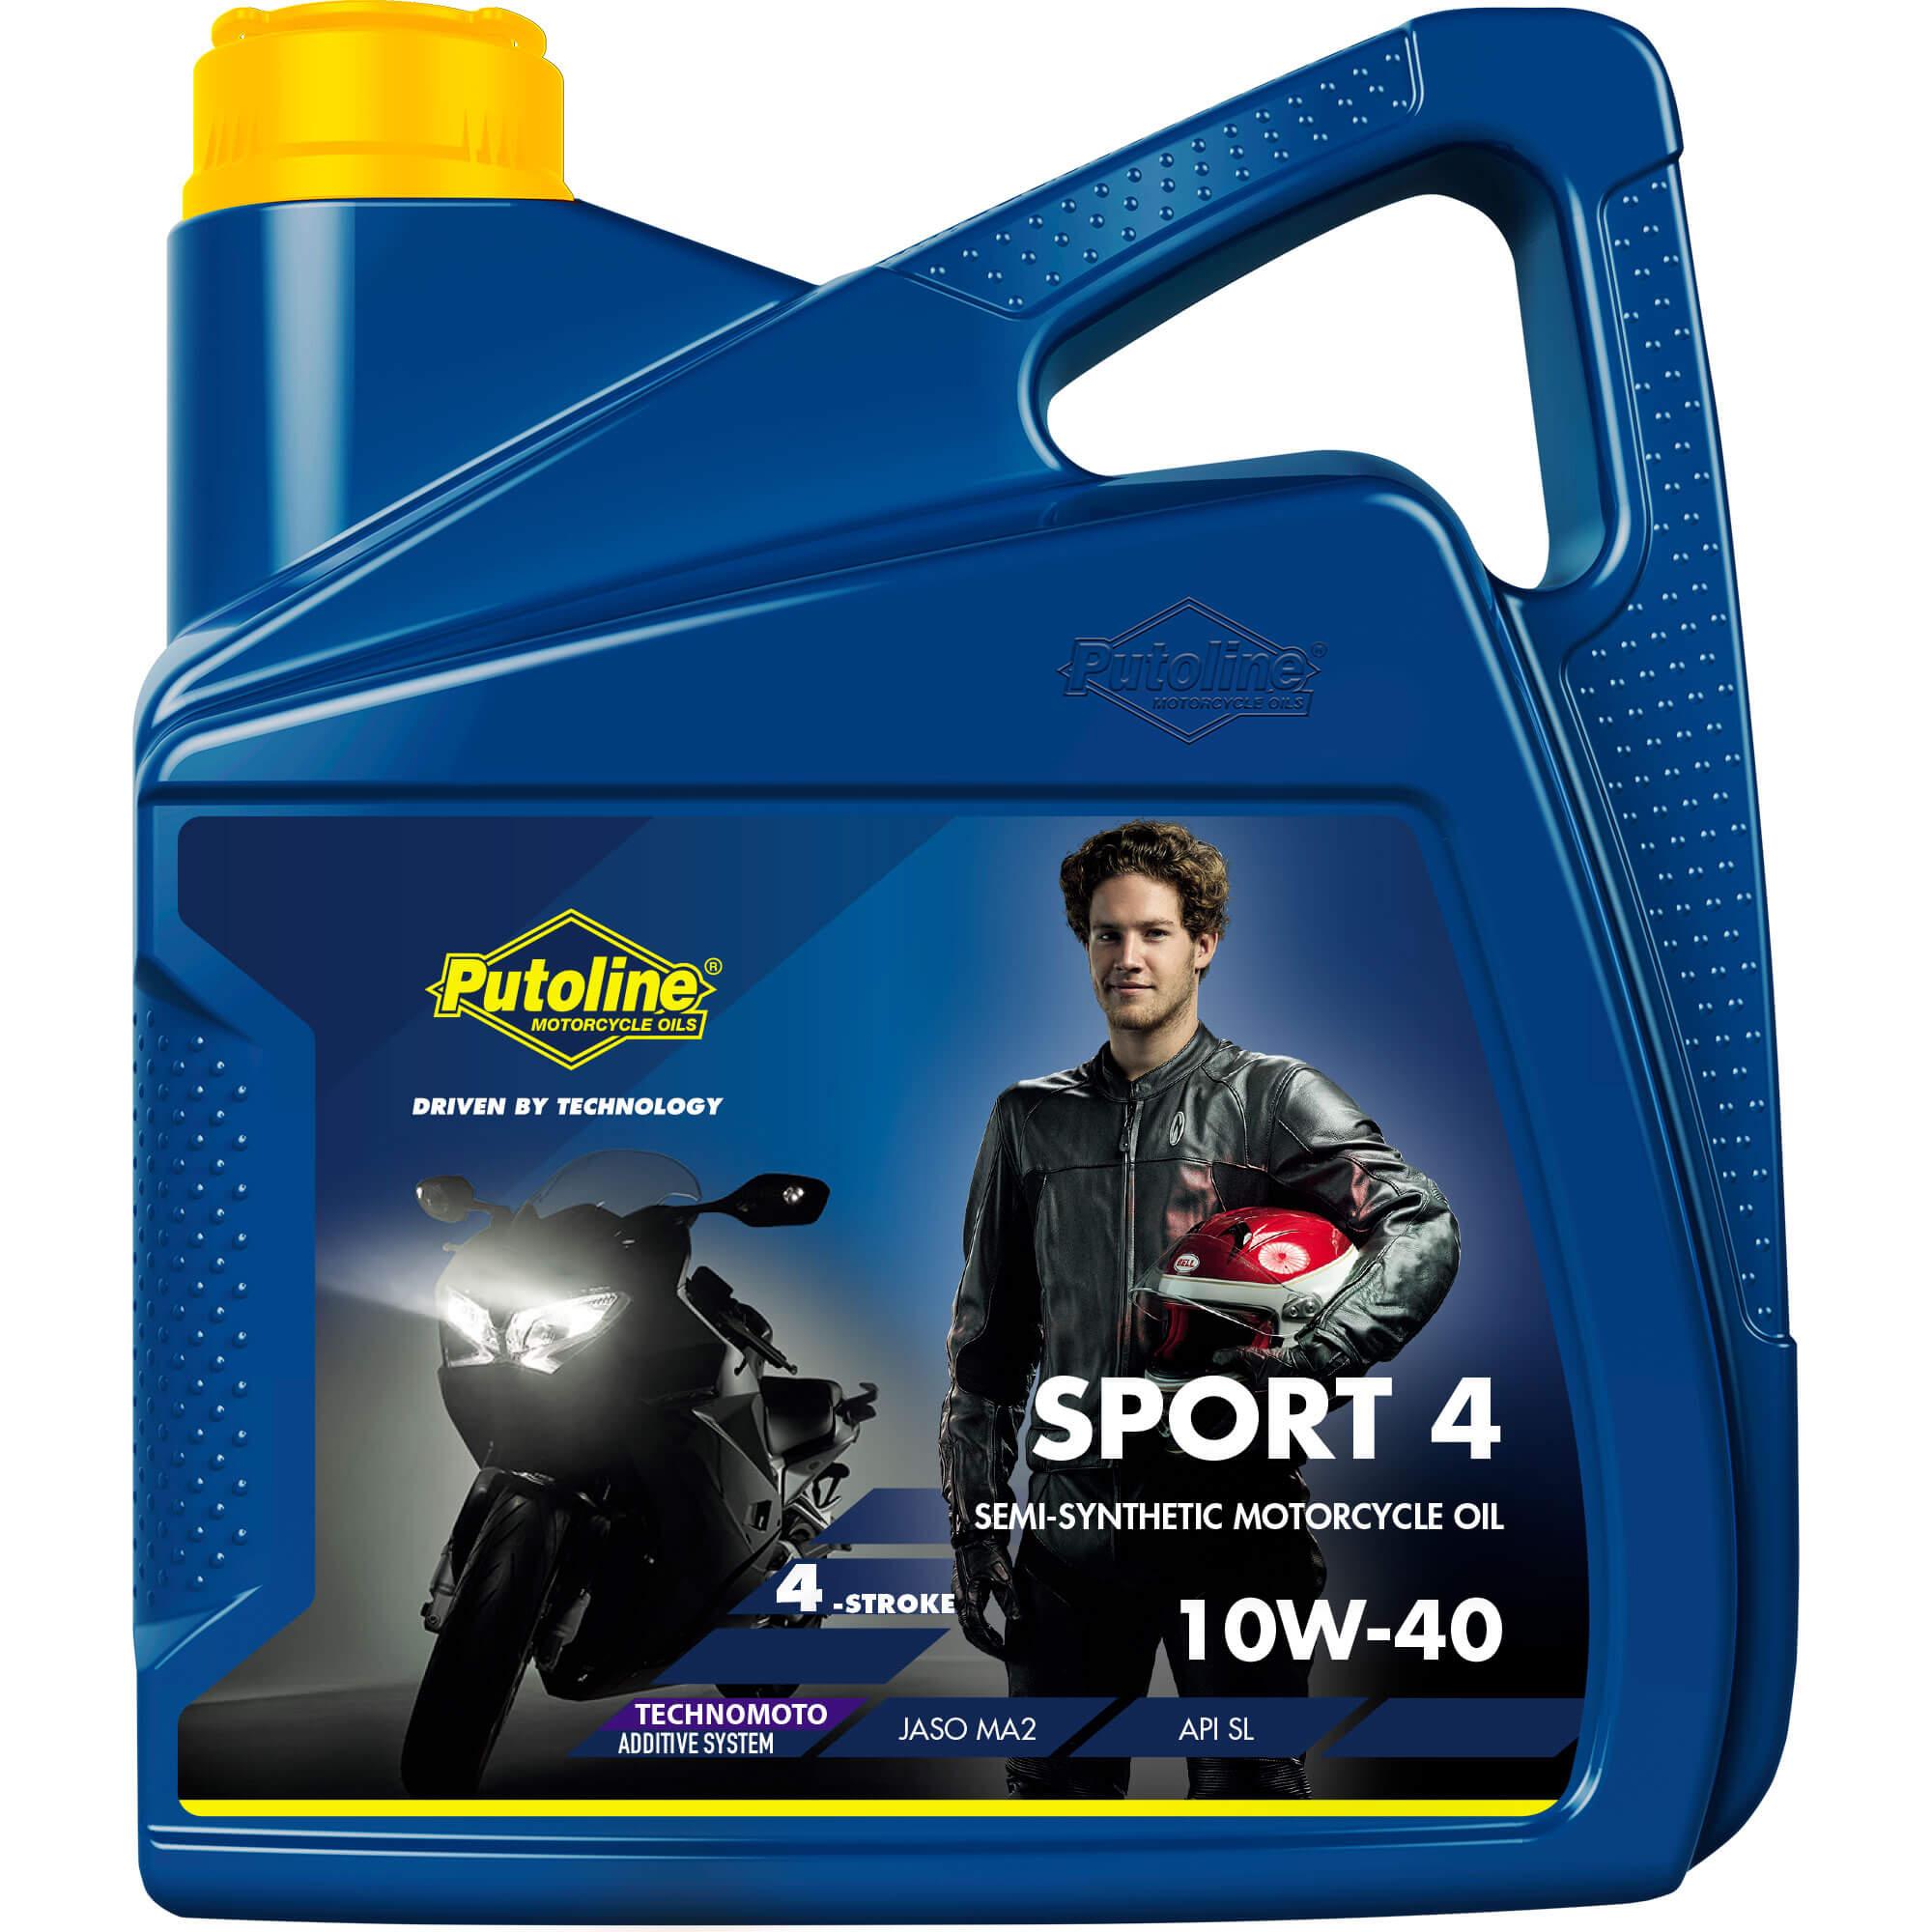 Putoline Sport 4R 10W-40